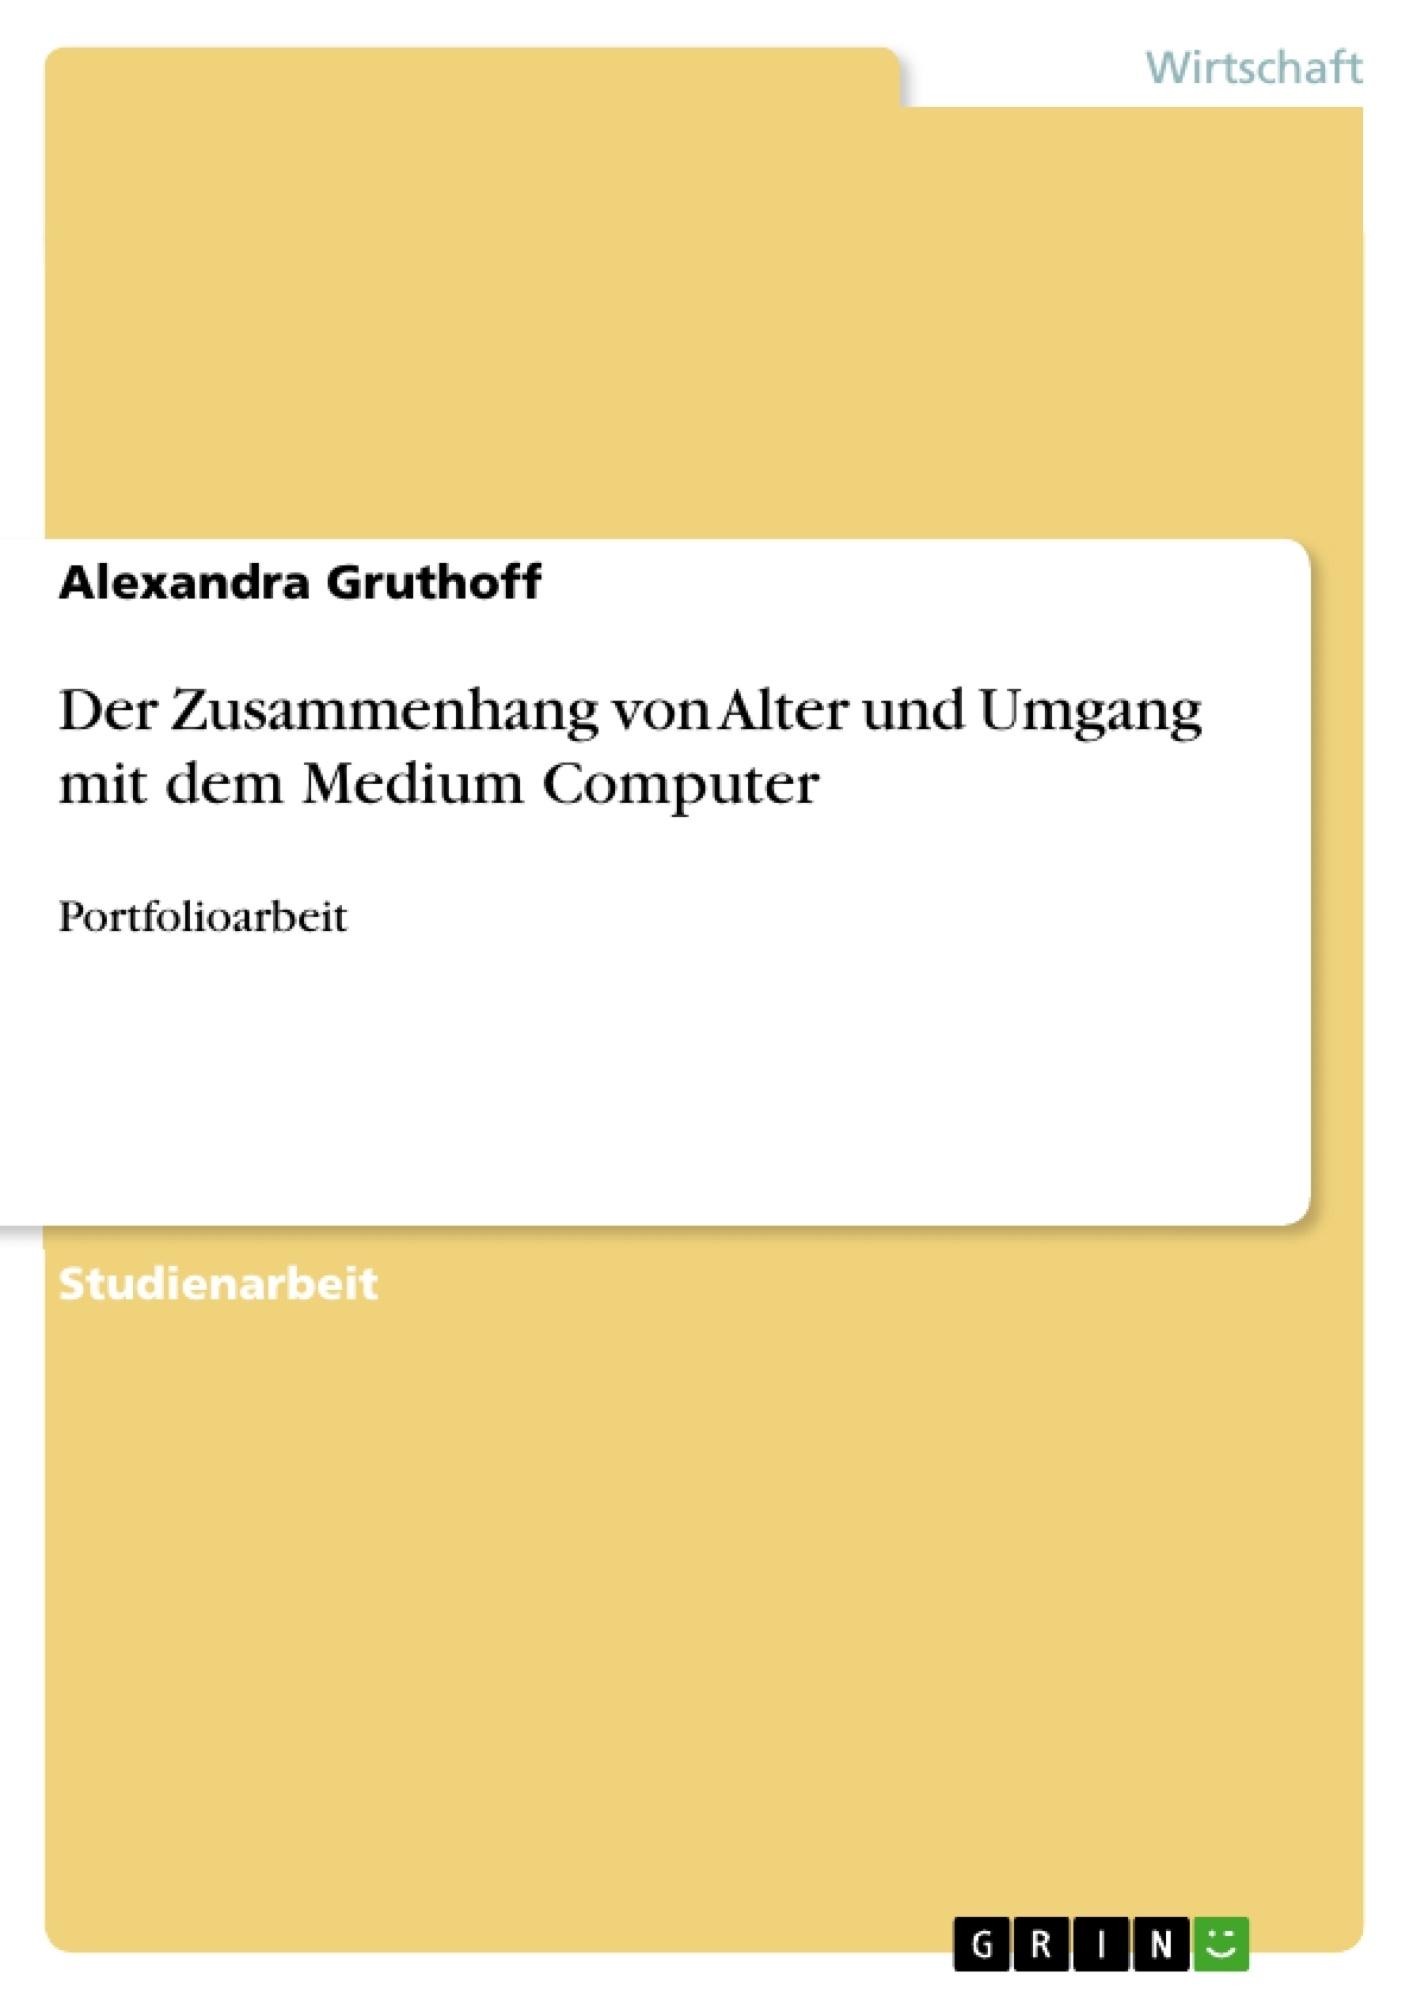 Titel: Der Zusammenhang von Alter und Umgang mit dem Medium Computer